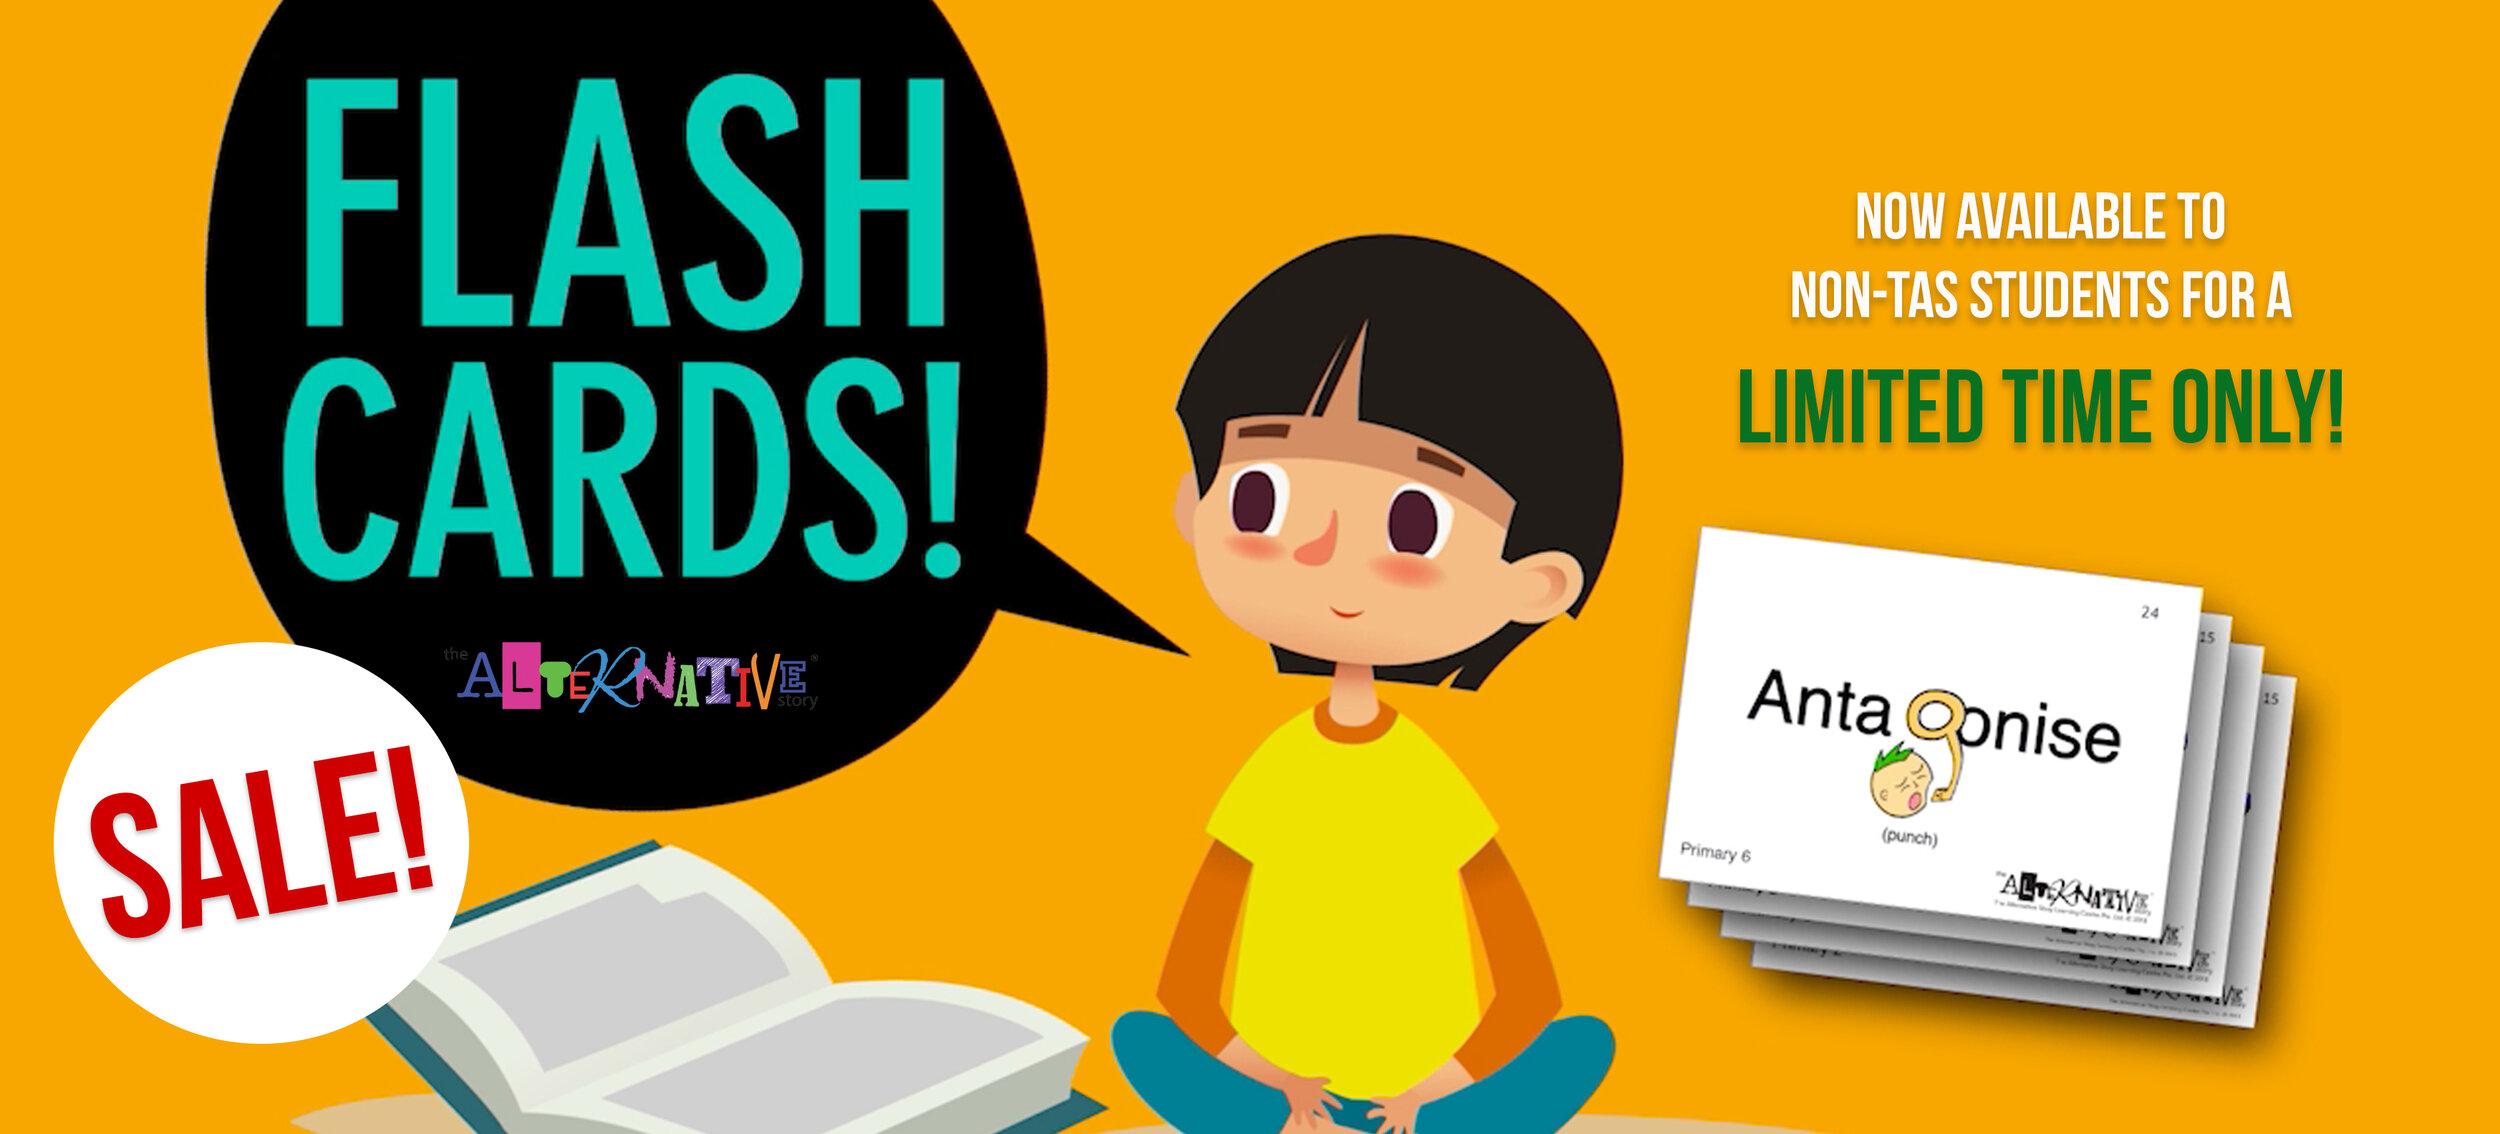 HPNovFlashcards.jpg